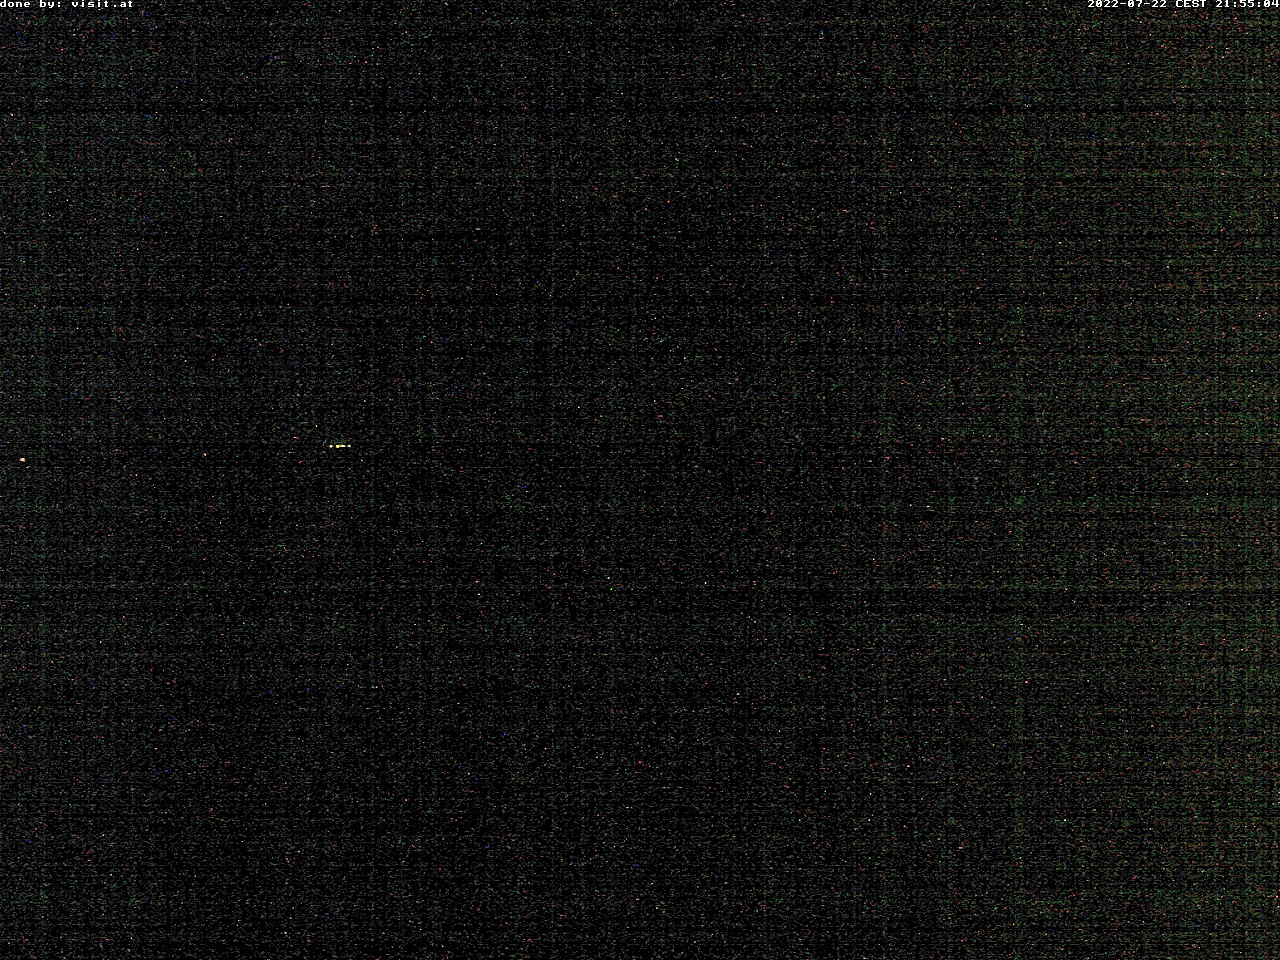 SCS Webcam - Ausblick auf den Mondsee